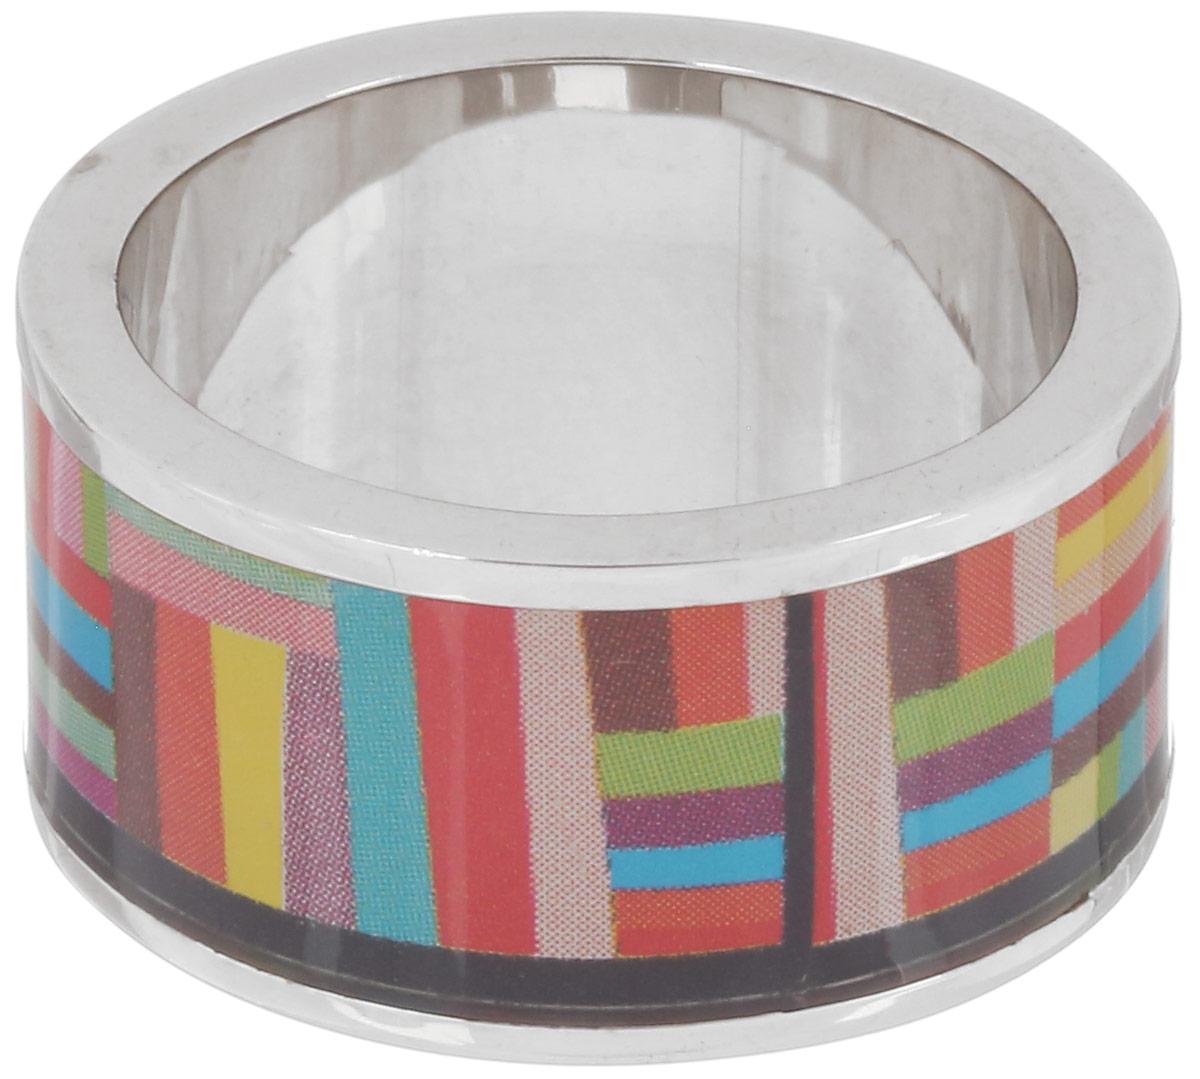 Кольцо Art-Silver, цвет: серебристый, мультиколор. ФК113-1-320. Размер 17,5ФК113-1-320Великолепное кольцо Art-Silver изготовлено из бижутерного сплава. Изделие с покрытием из эмали оформлено оригинальным геометрическим орнаментом. Стильное кольцо придаст вашему образу изюминку и подчеркнет индивидуальность.